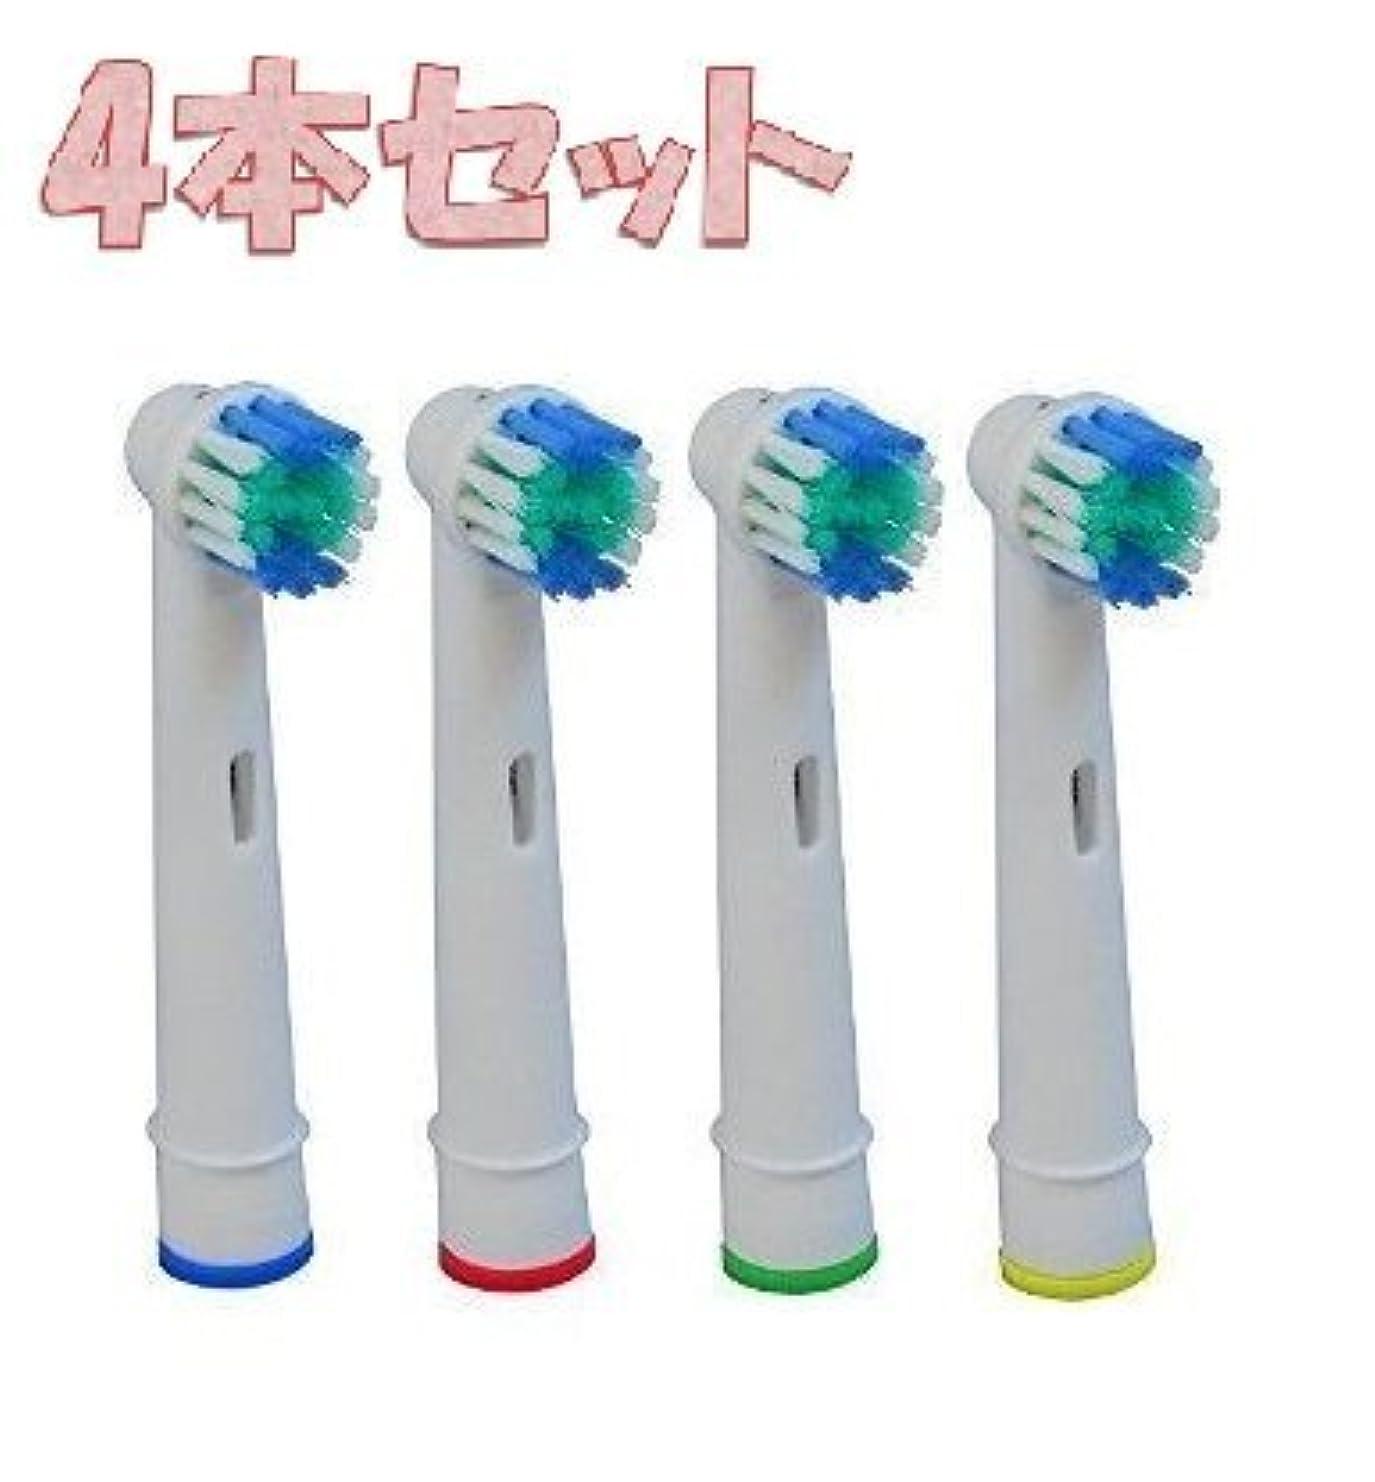 感度曲主張するBraun Oral B ブラウン オーラルB 互換 替えブラシ 4本セット EB17 フレキシソフト